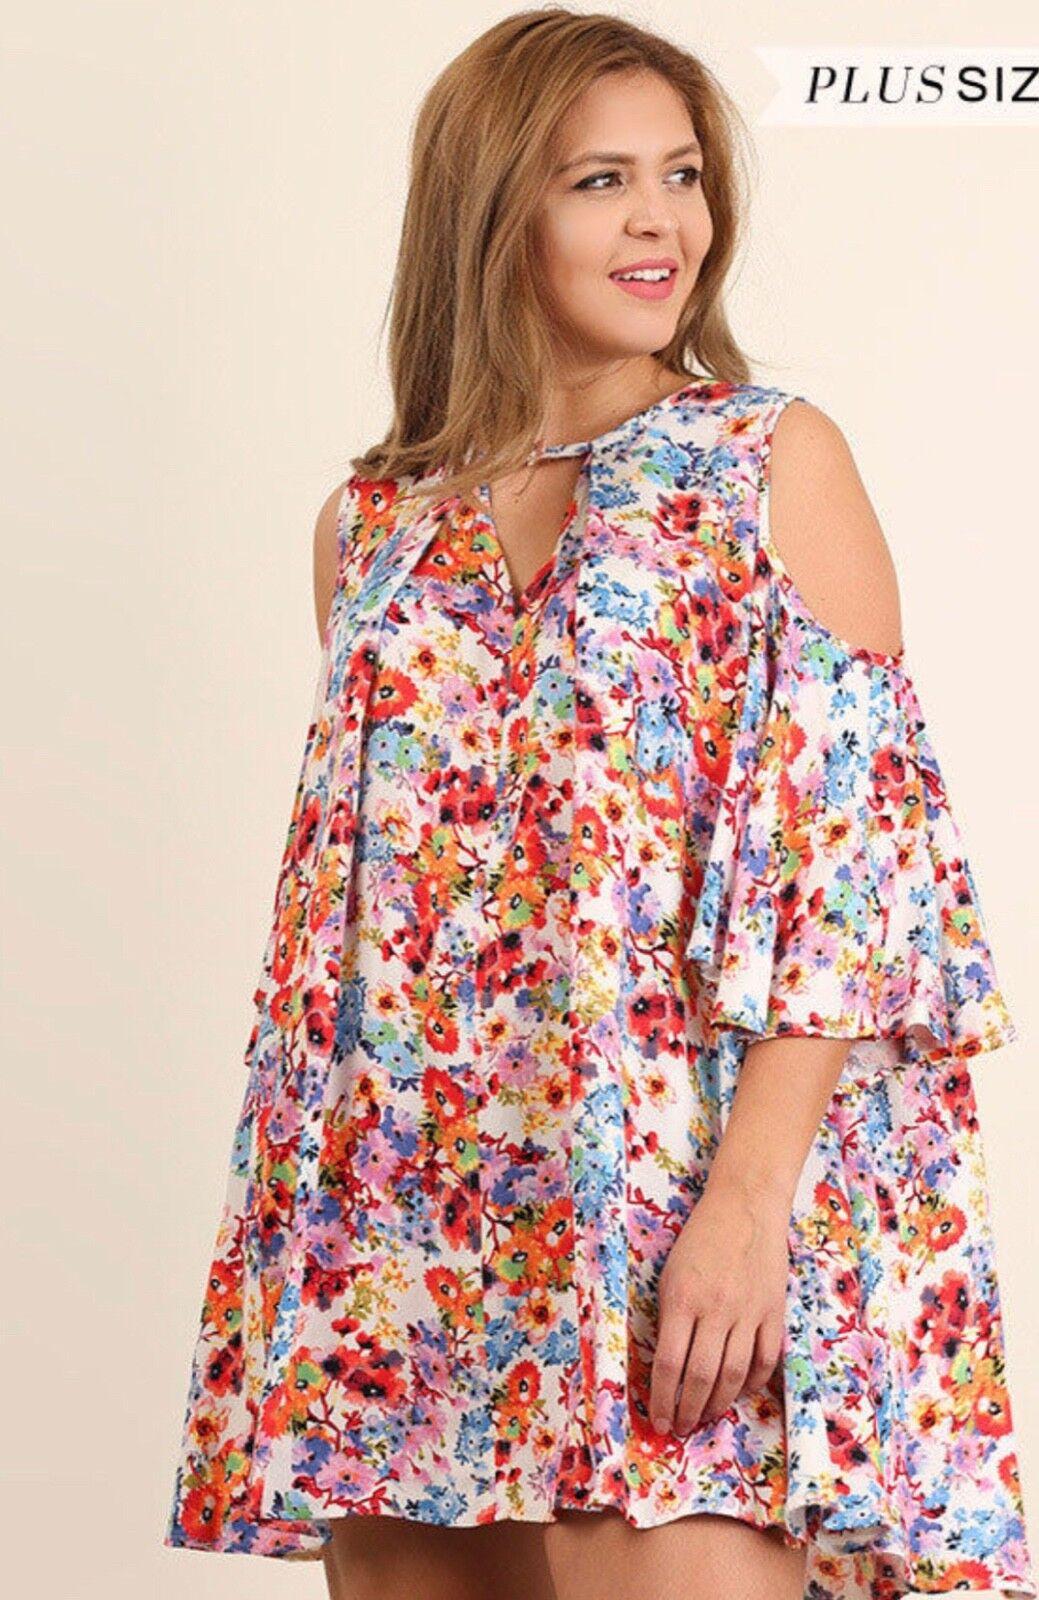 Nouveau Umgee Boho ouvert épaule Floral Avec Dos En Trou De Serrure Robe Tunique Plus XL